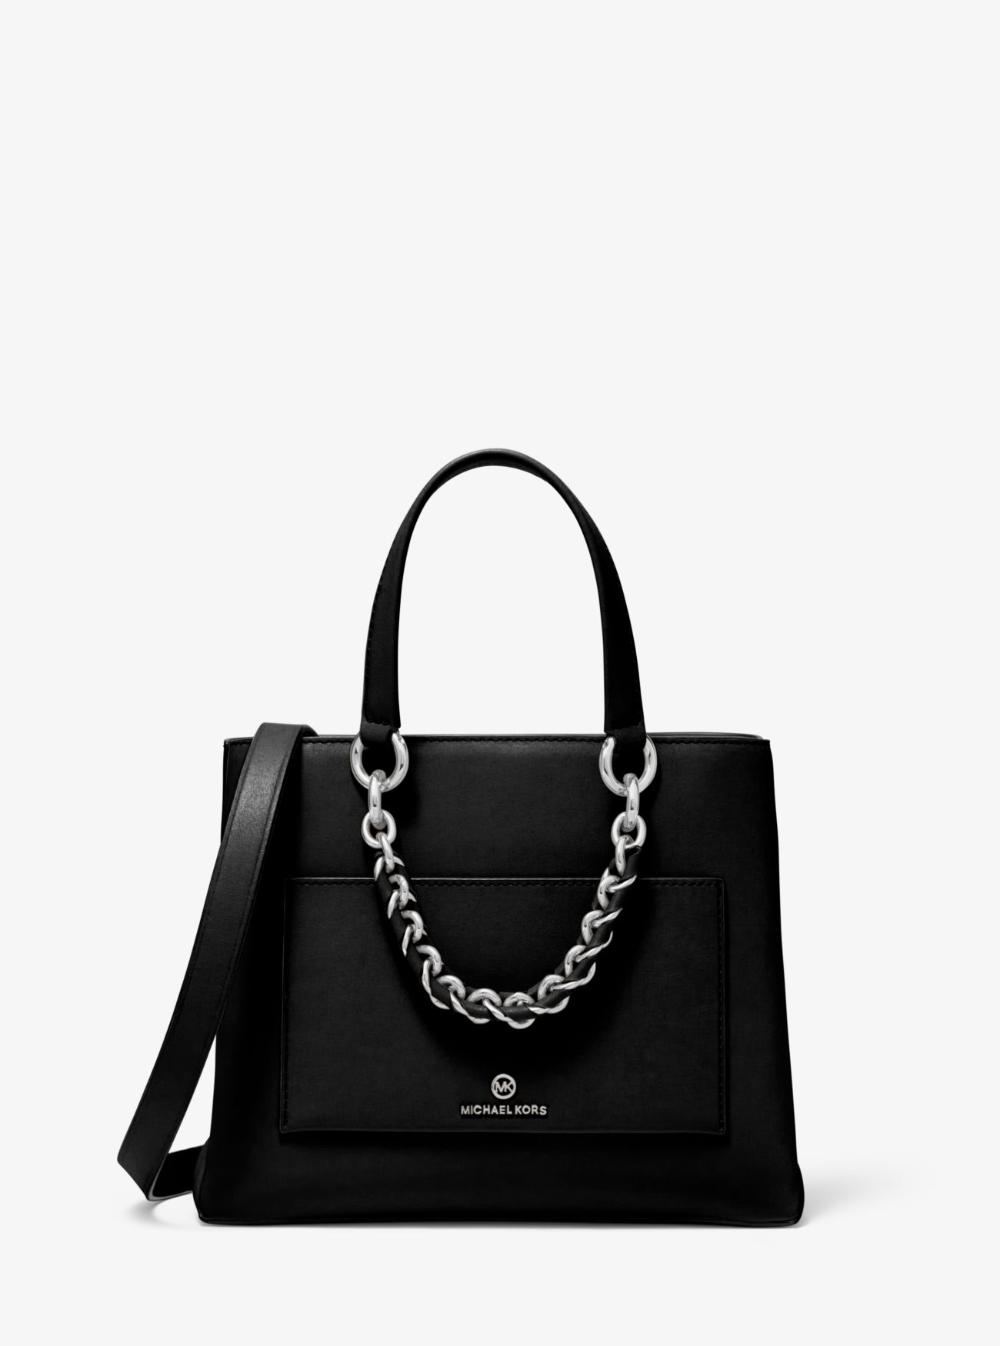 Cece Small Leather Chain Messenger Bag Michael Kors In 2020 Leder Michael Kors Kette